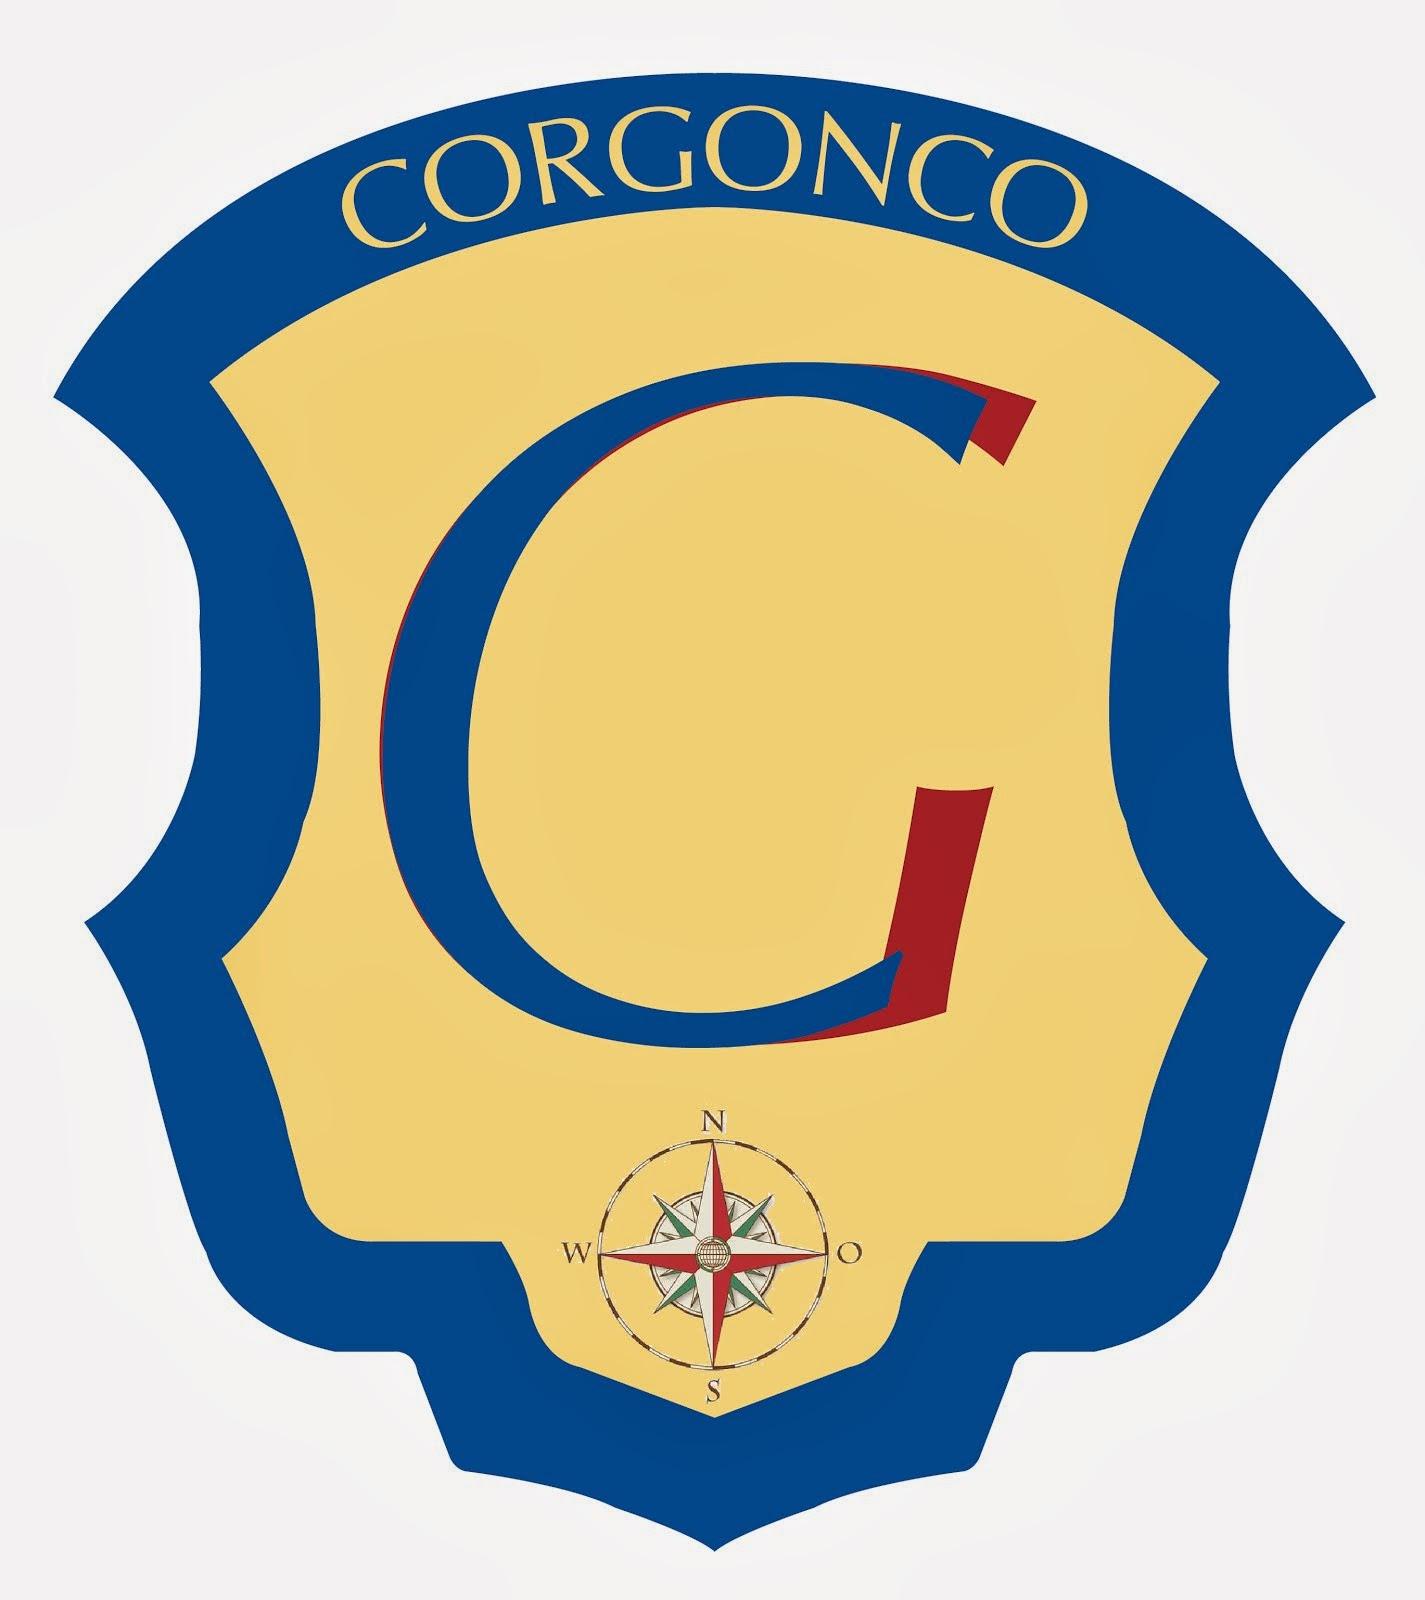 CORGONCO